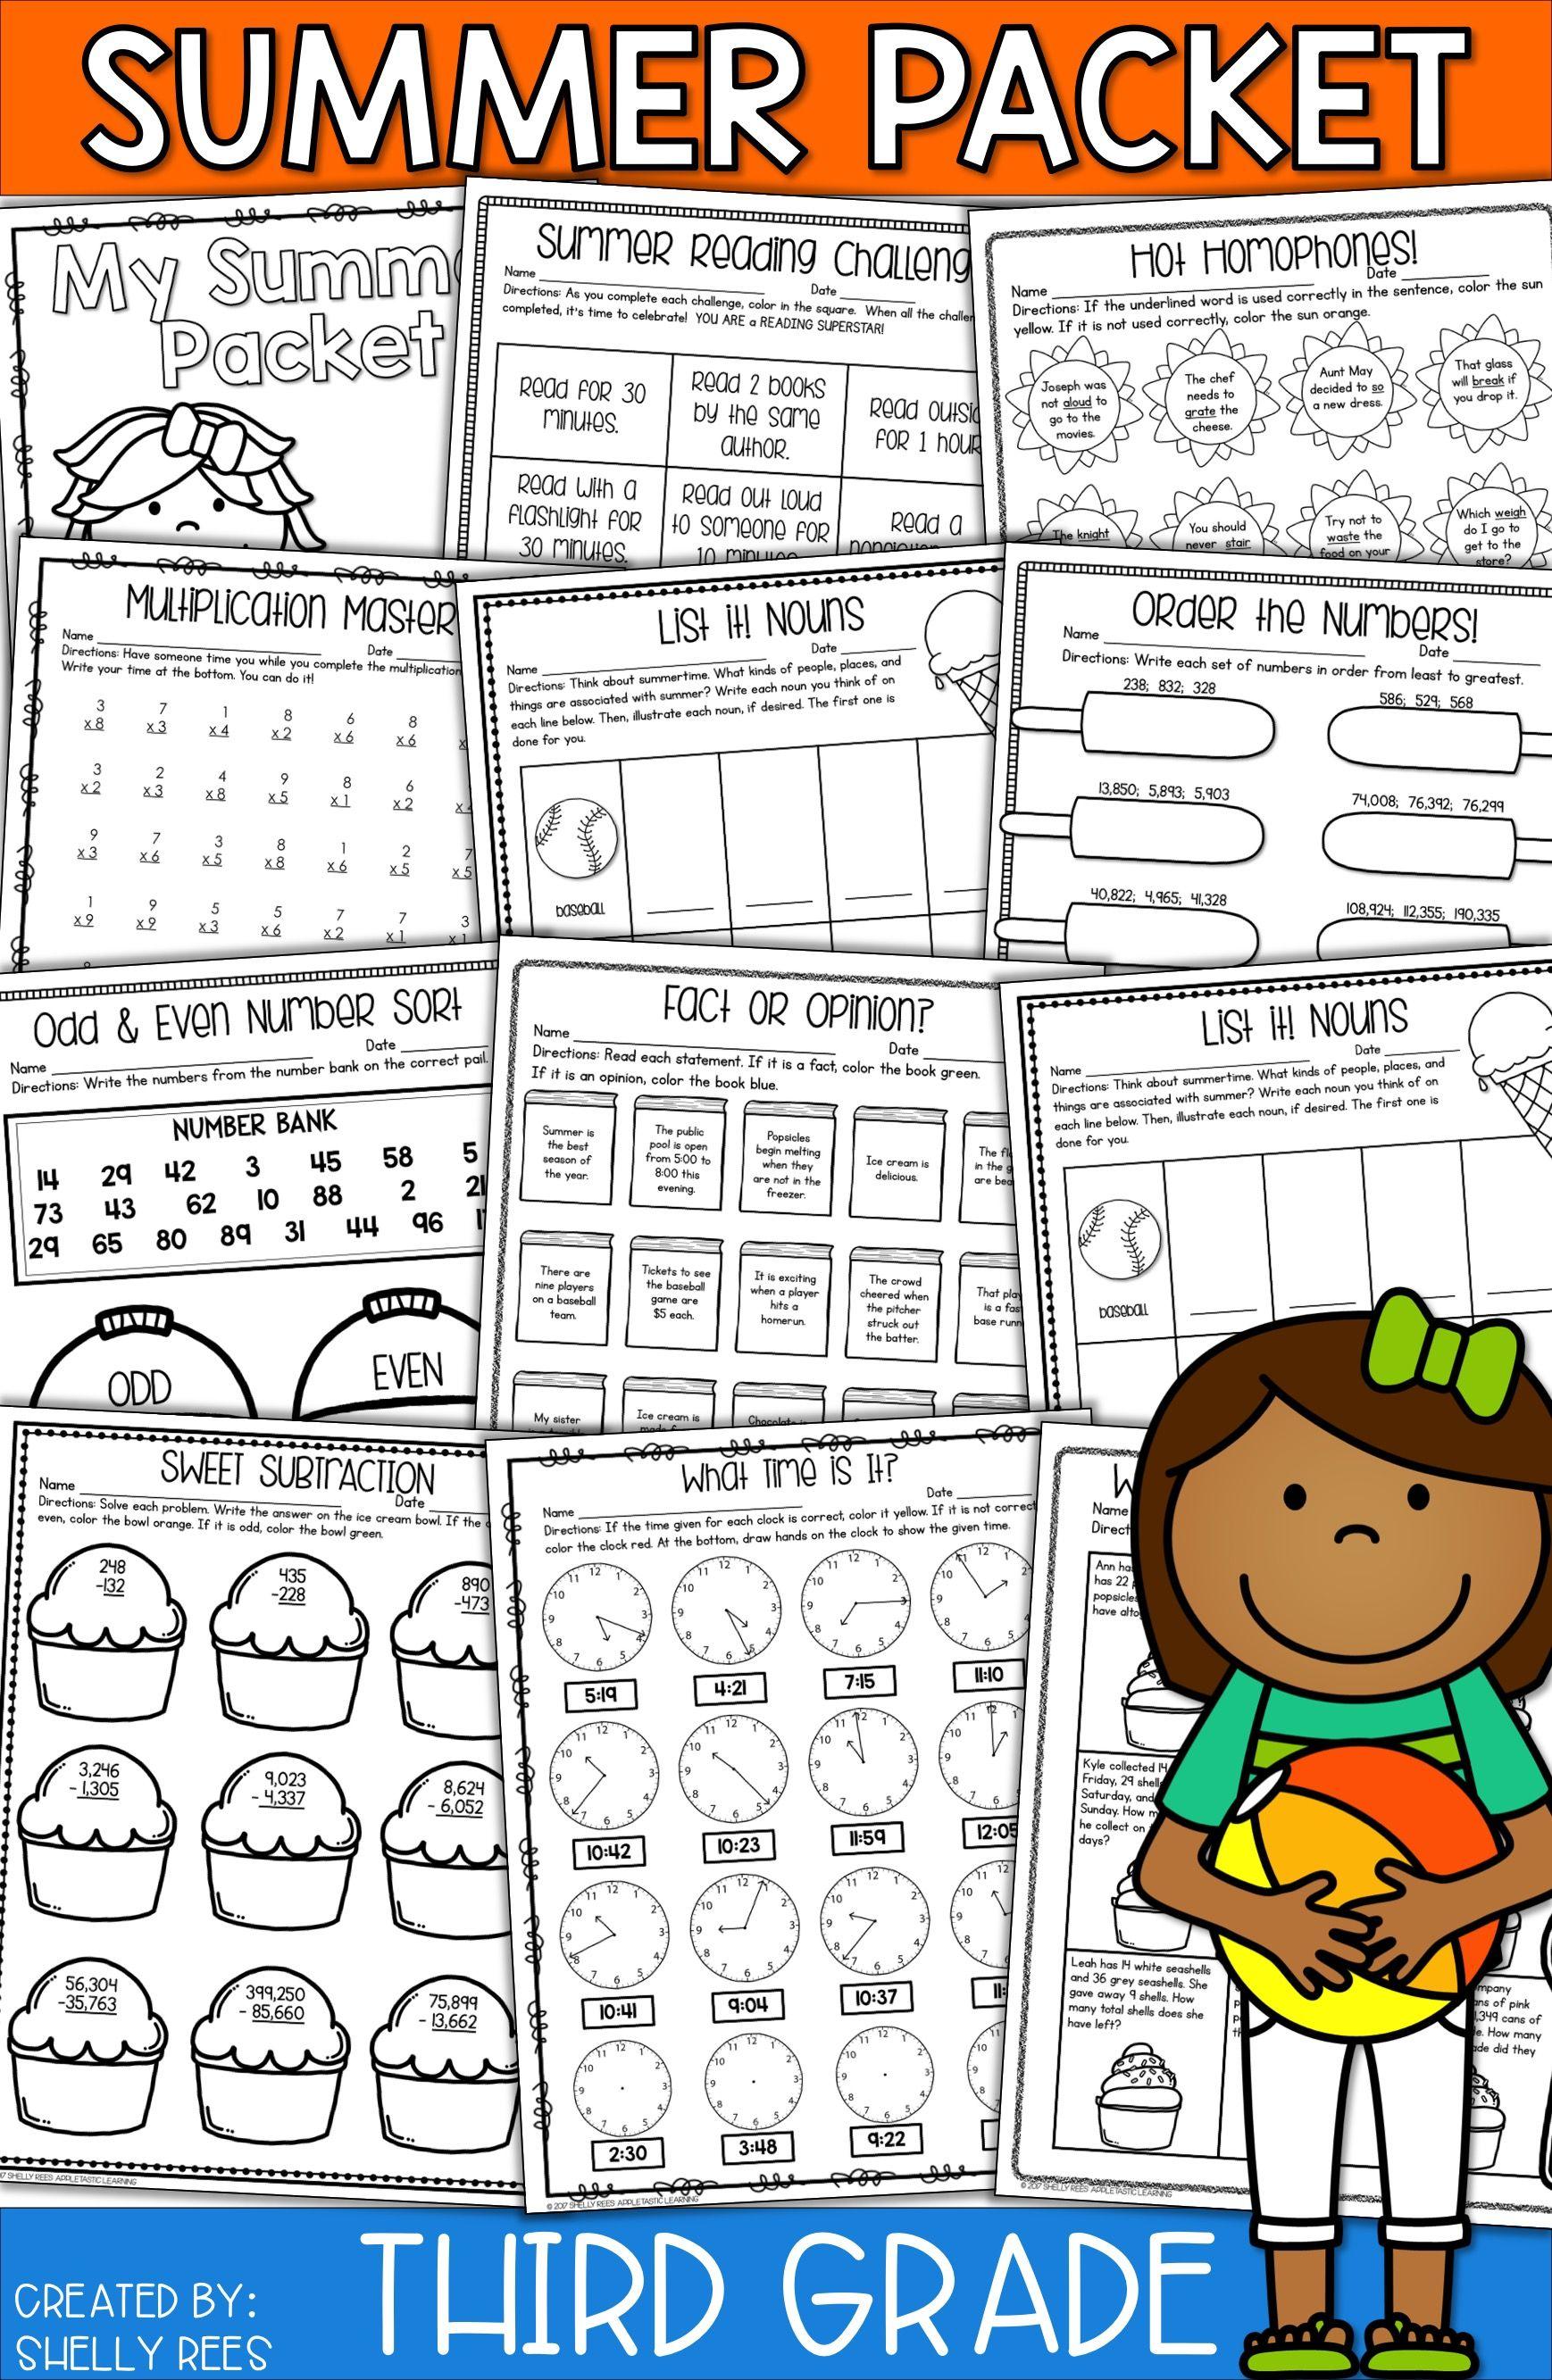 3rd Grade Summer Packet   Summer Packet for 3rd Going to 4th Grade   Summer  math [ 2666 x 1738 Pixel ]